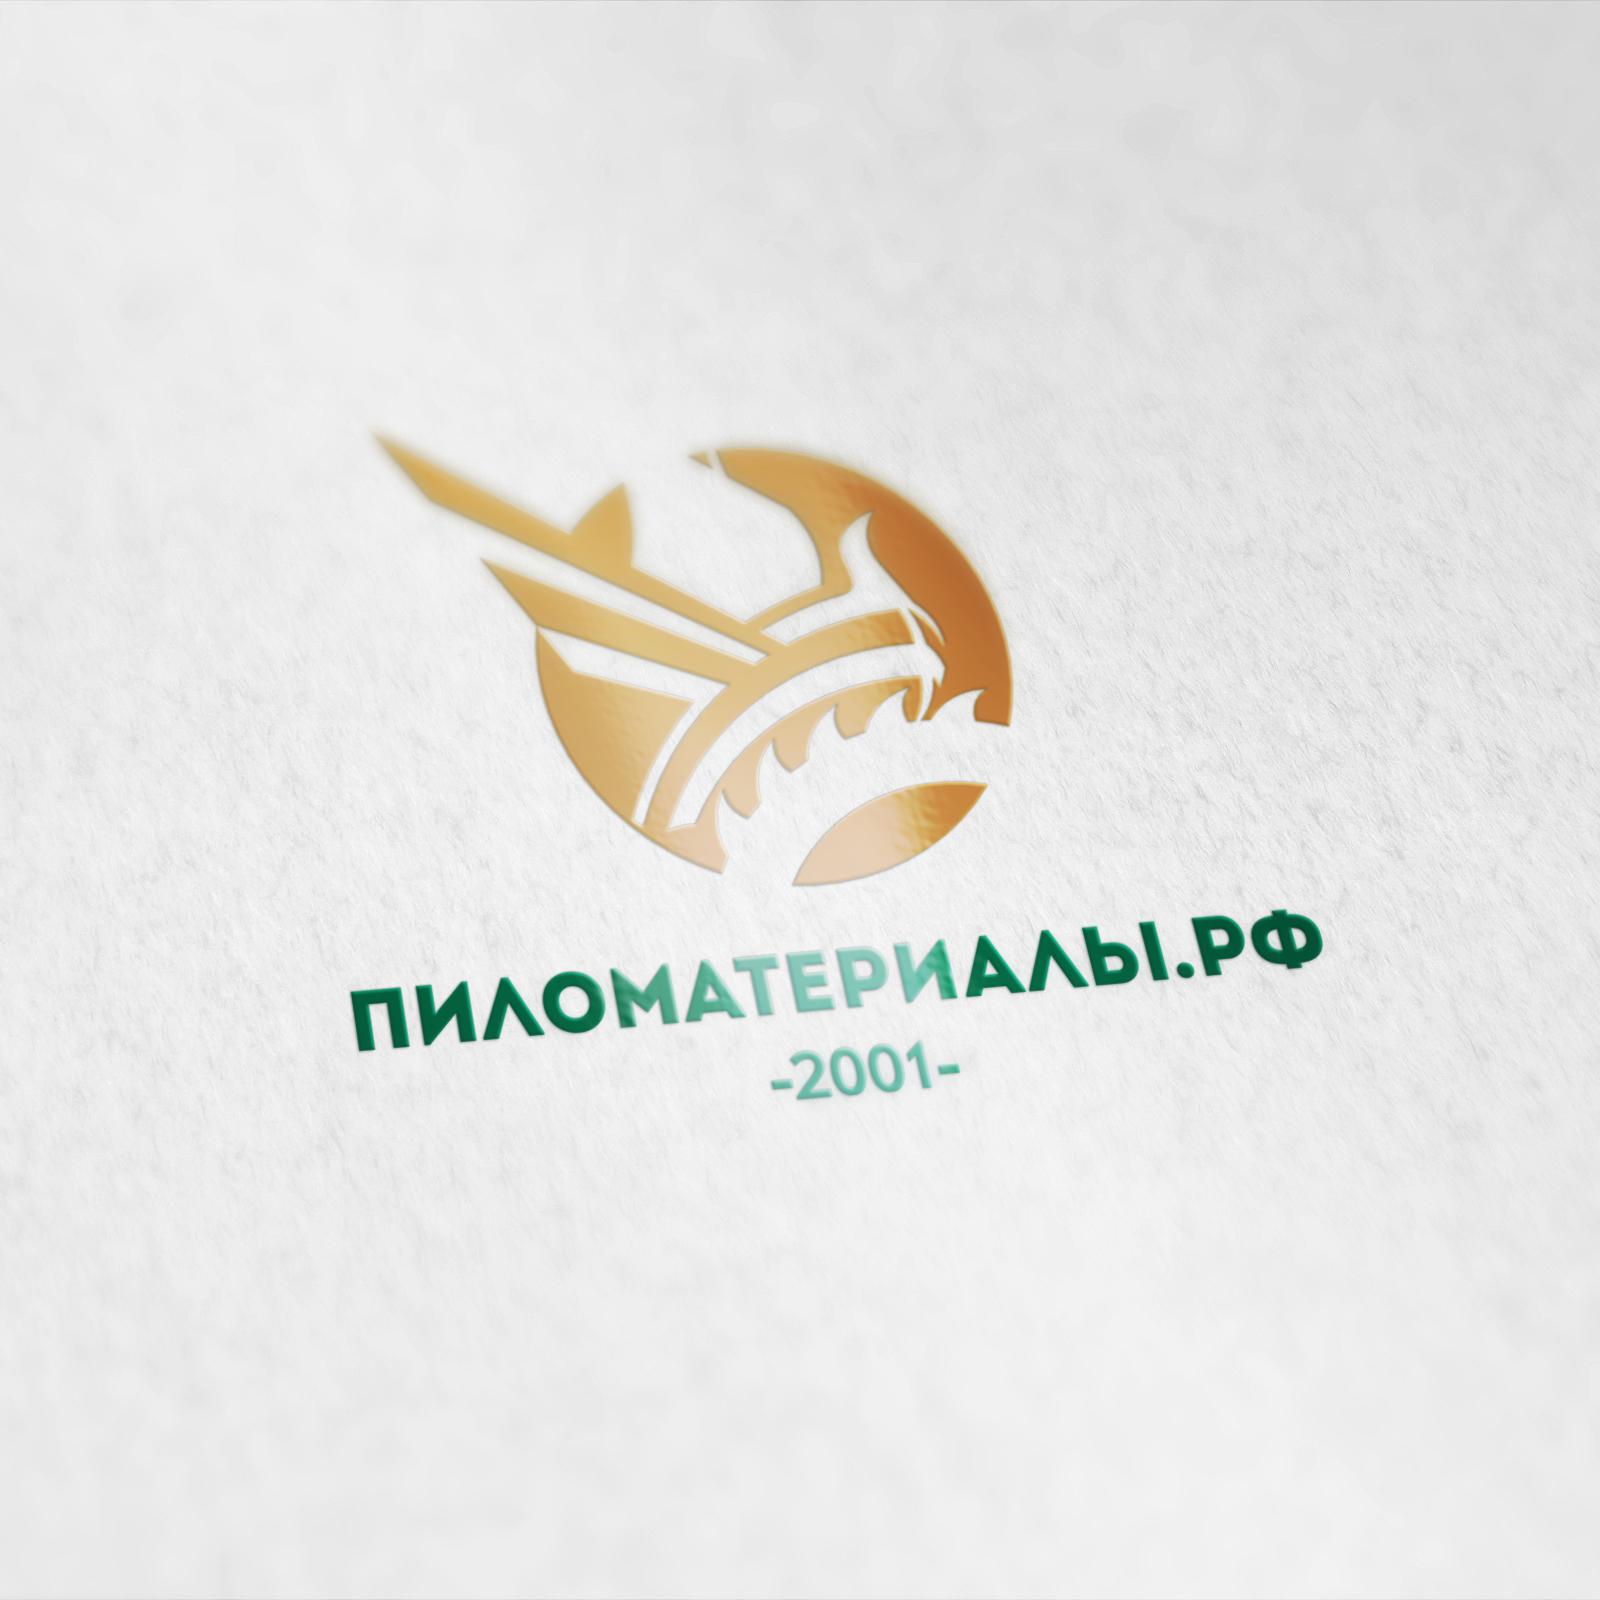 """Создание логотипа и фирменного стиля """"Пиломатериалы.РФ"""" фото f_139530c646f71a4b.jpg"""